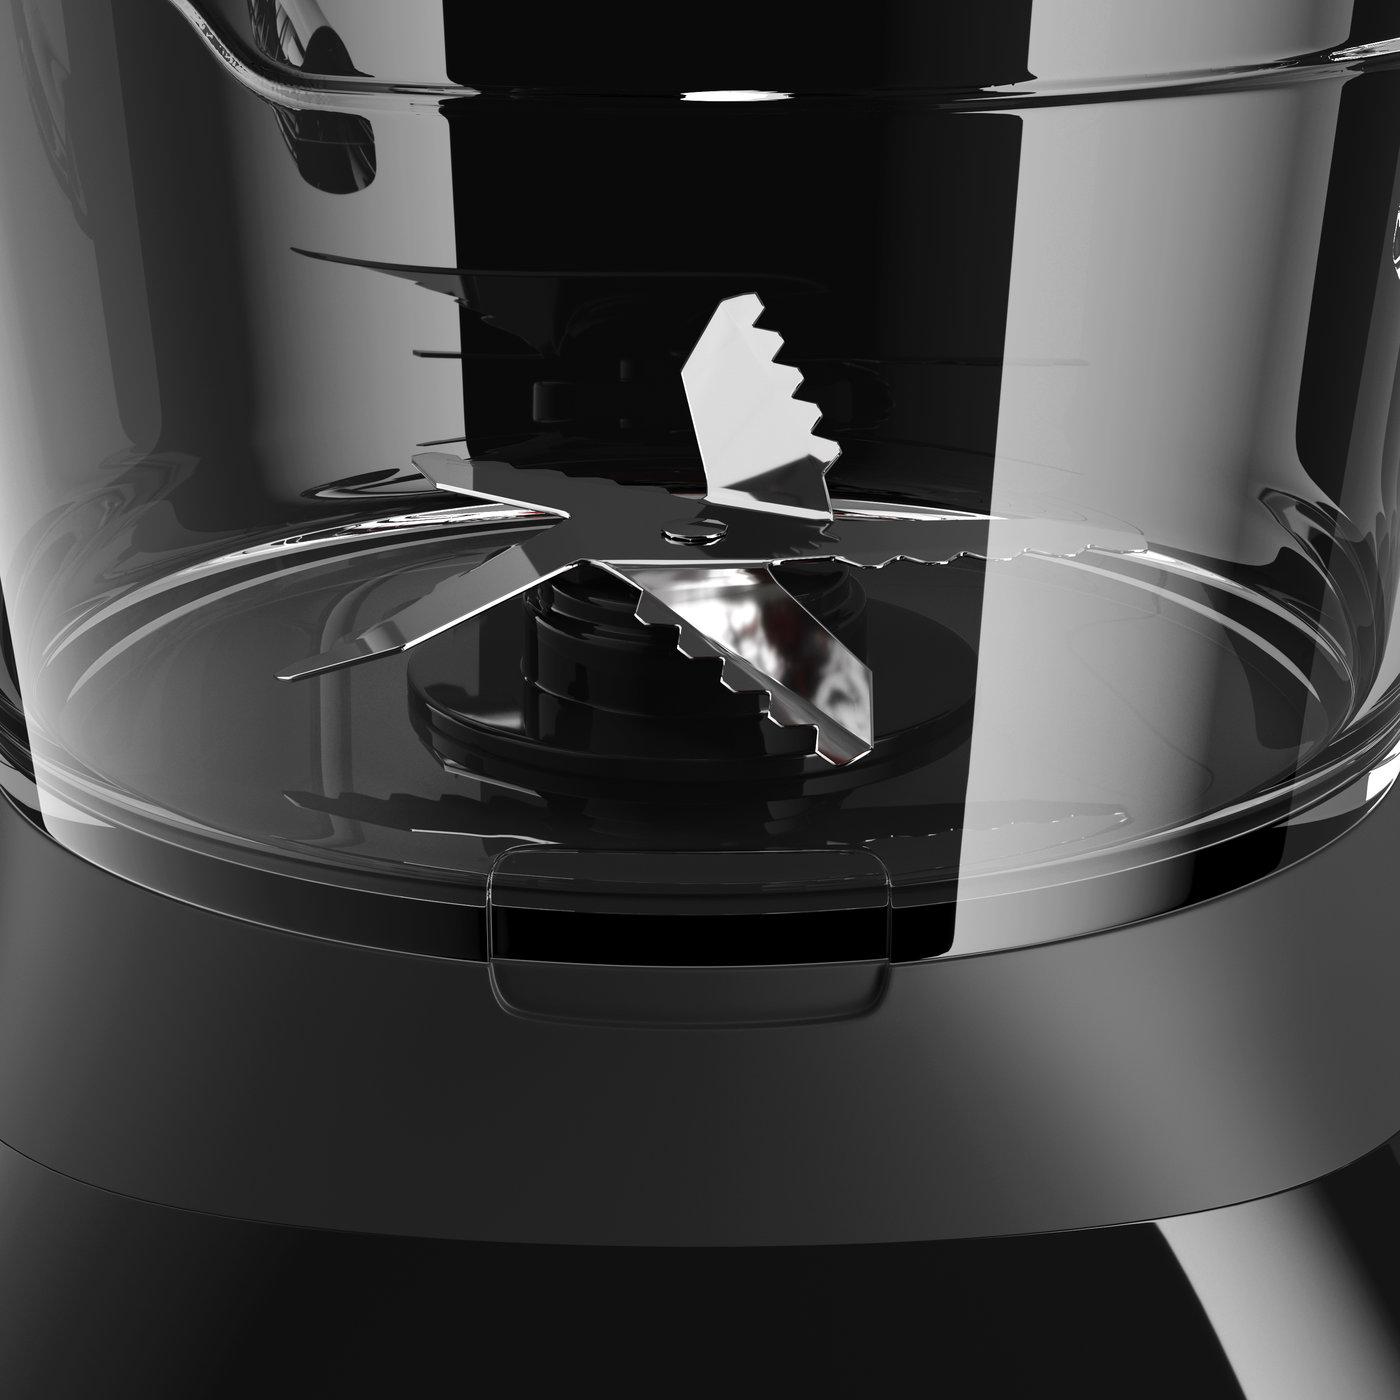 CGI BREAKDOWN - 3D MODEL - PHILIPS VIVA COLLECTION BLENDER